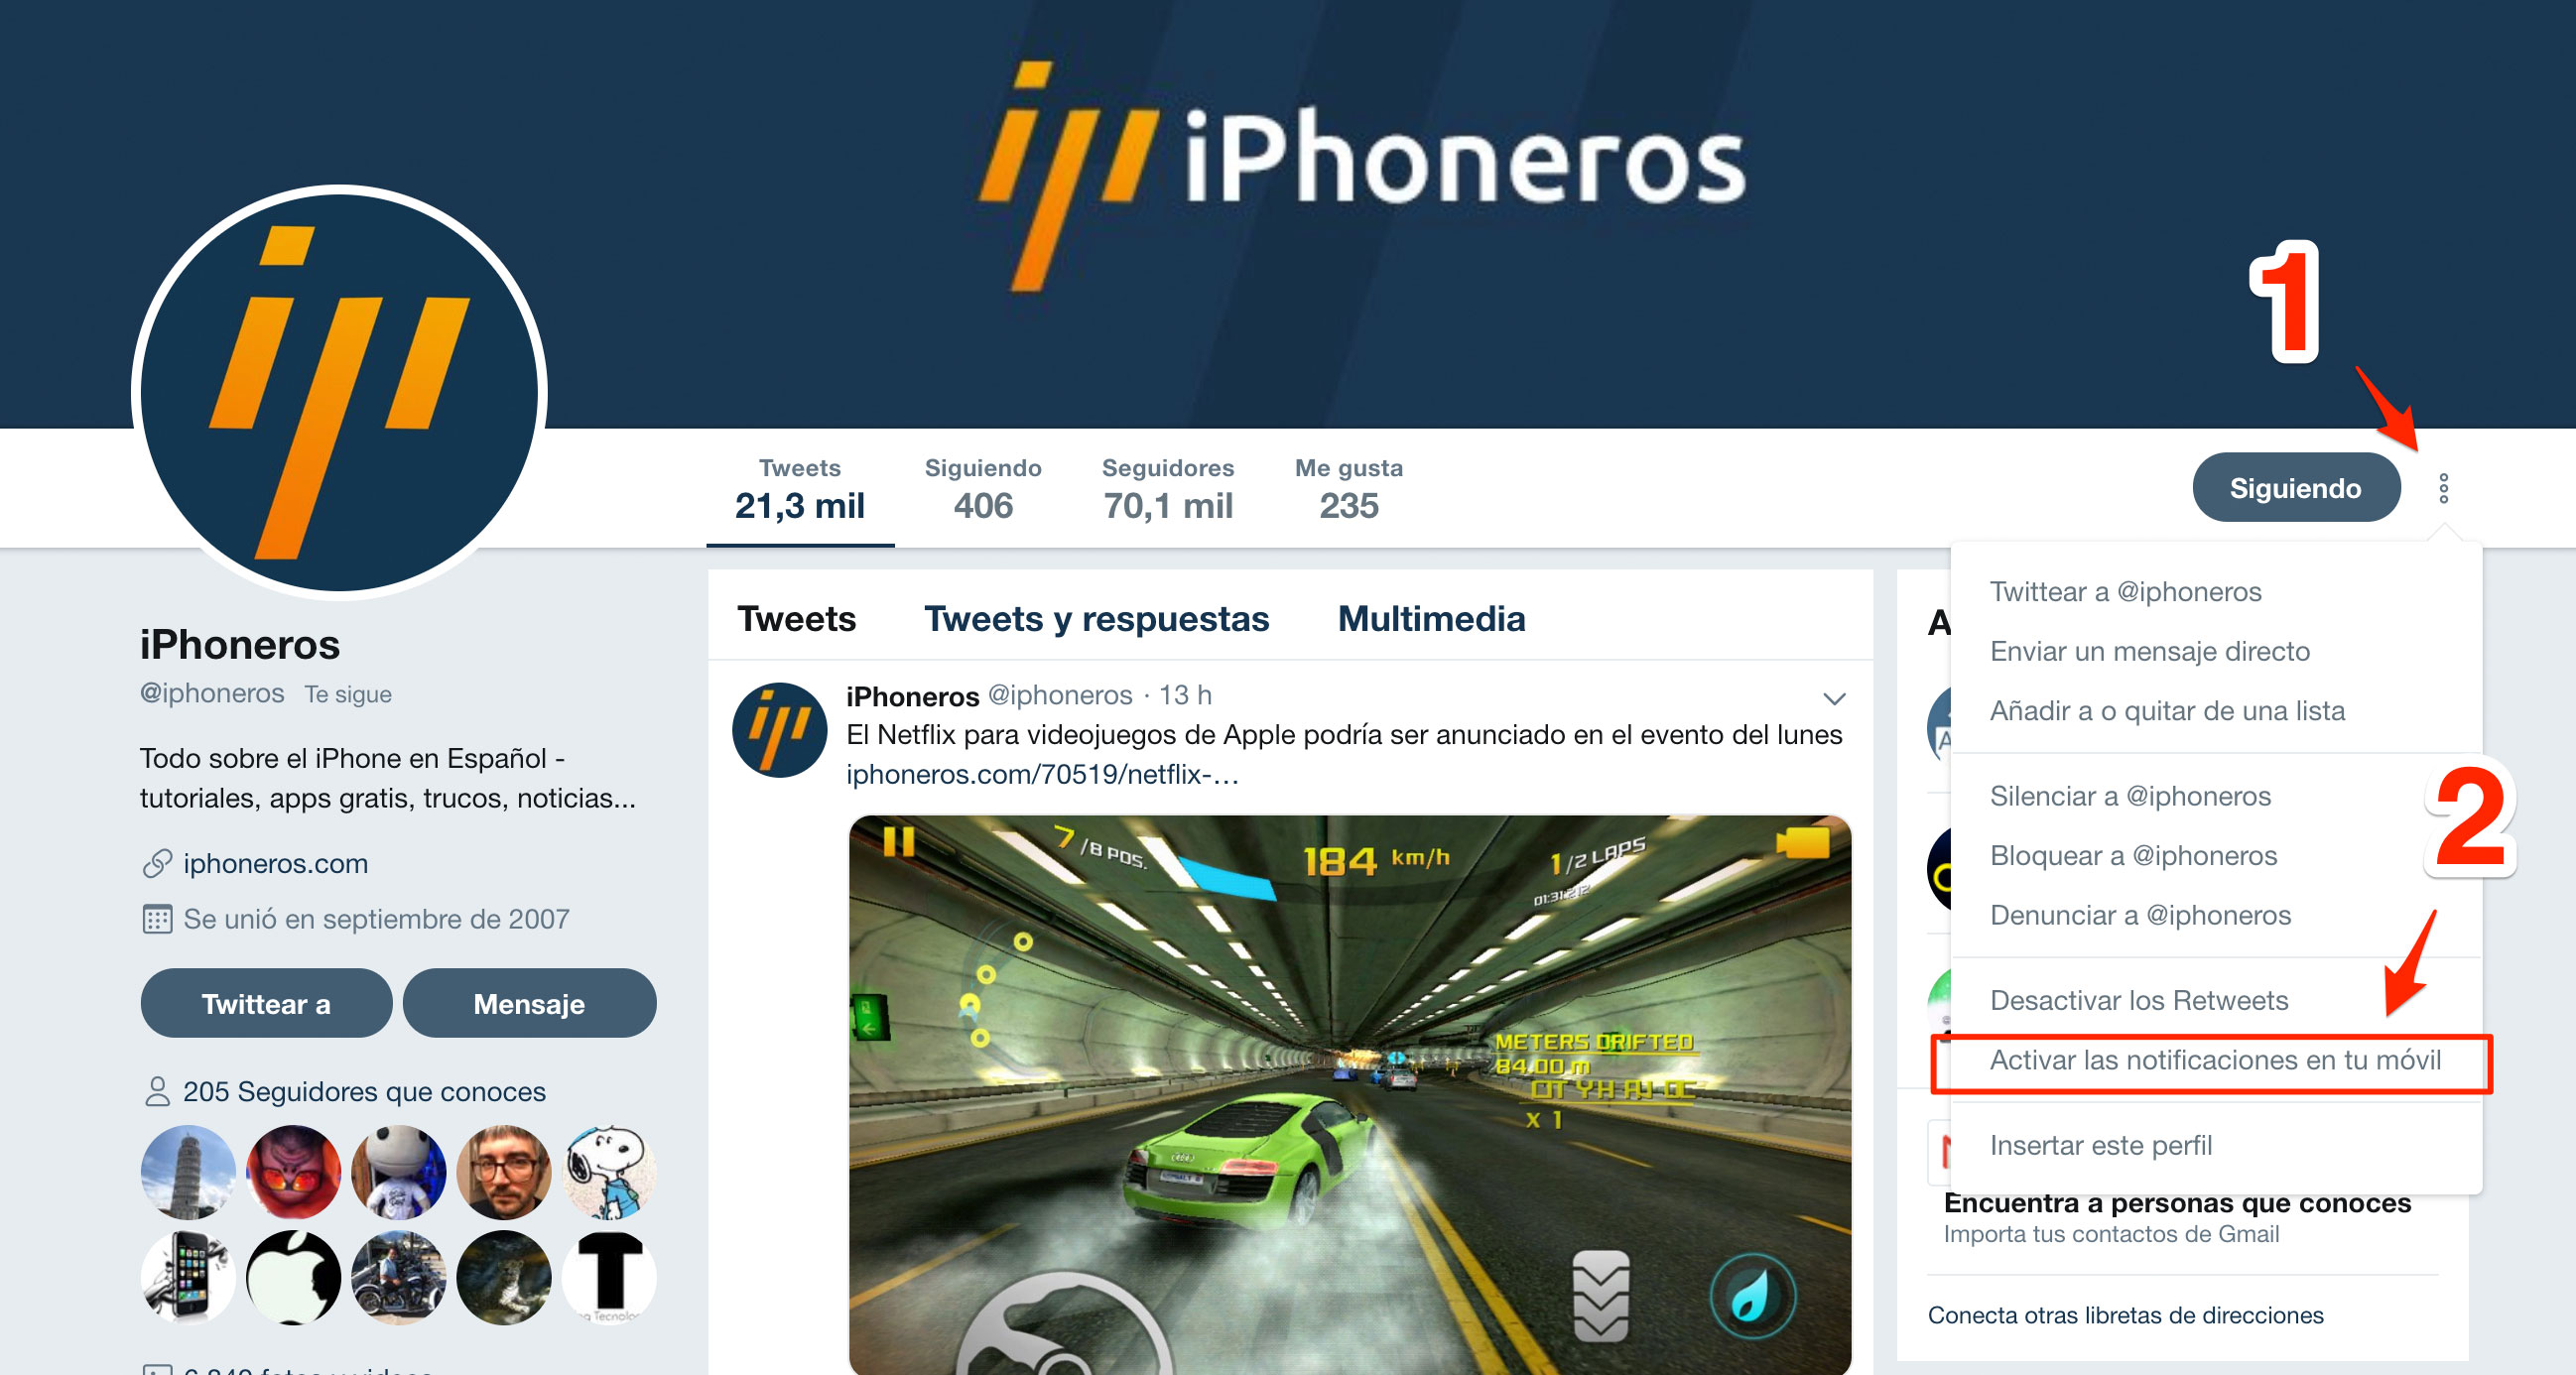 Activando las notificaciones de iPhoneros en Twitter